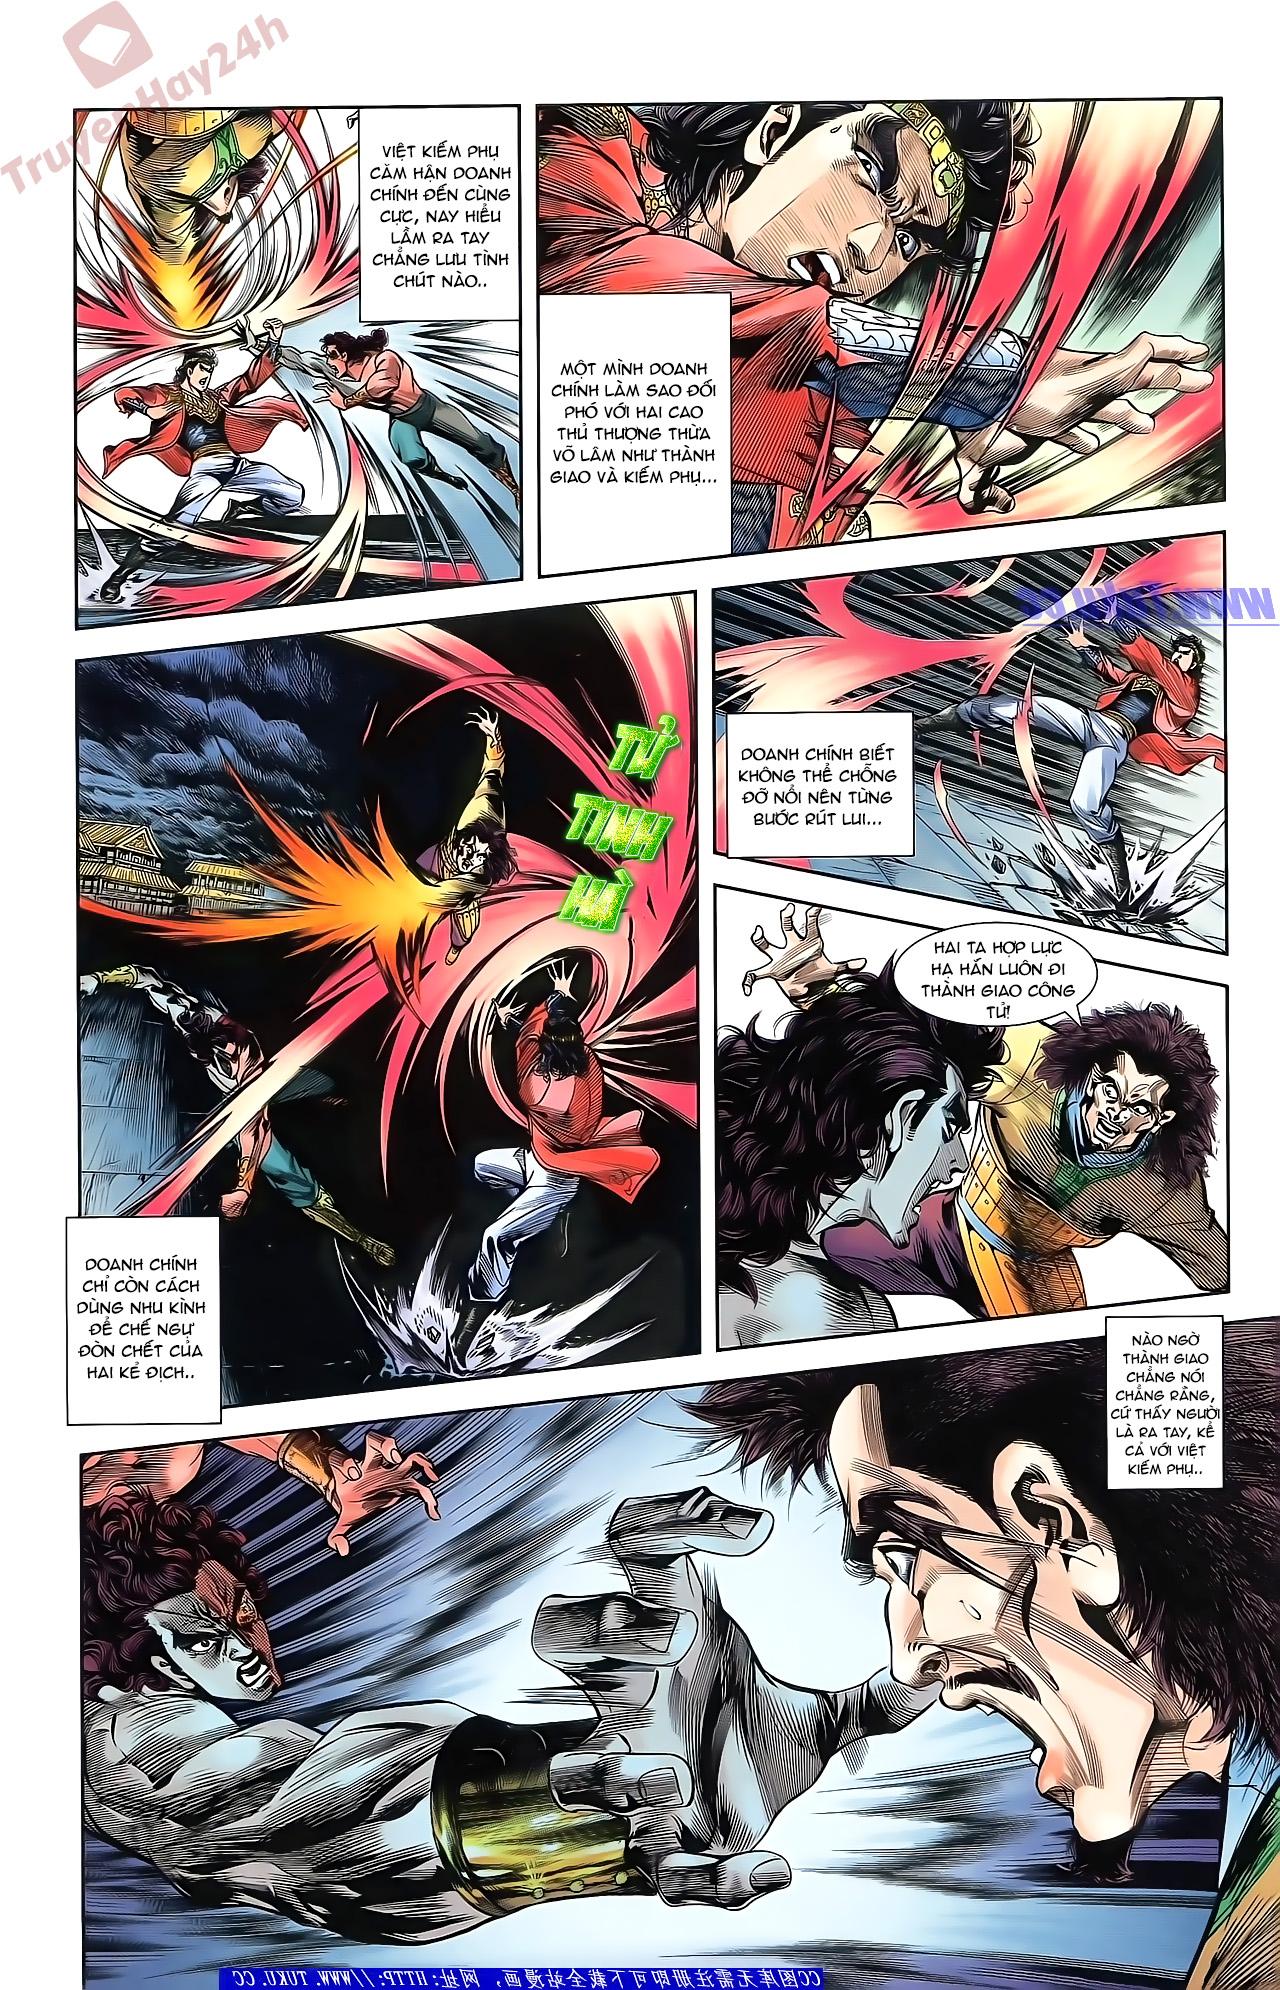 Tần Vương Doanh Chính chapter 51 trang 5